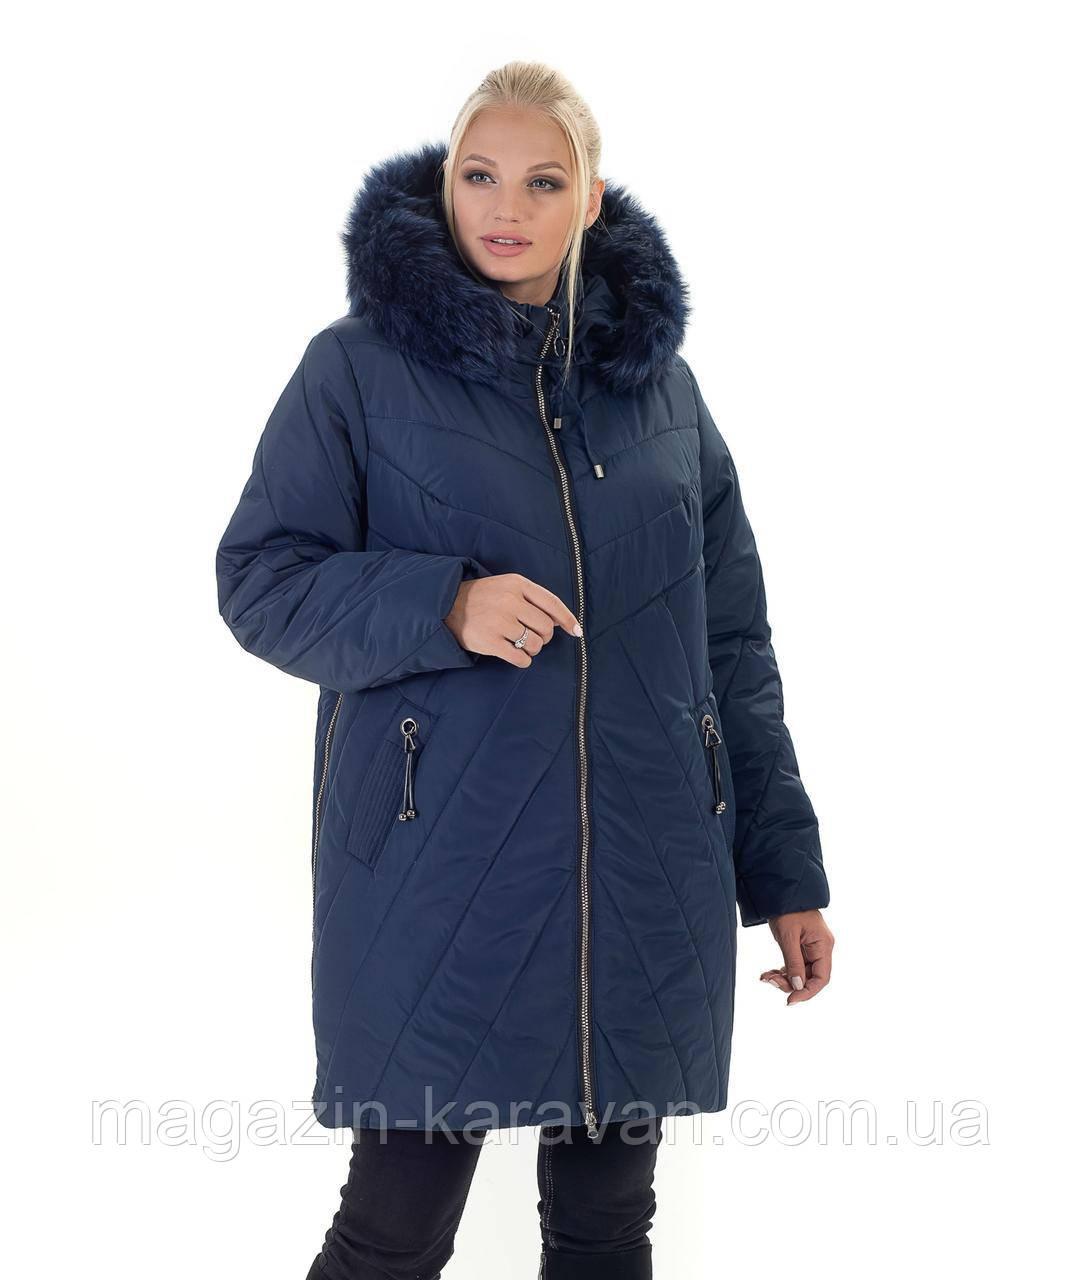 Зимняя куртка женская большого размера (56-70)